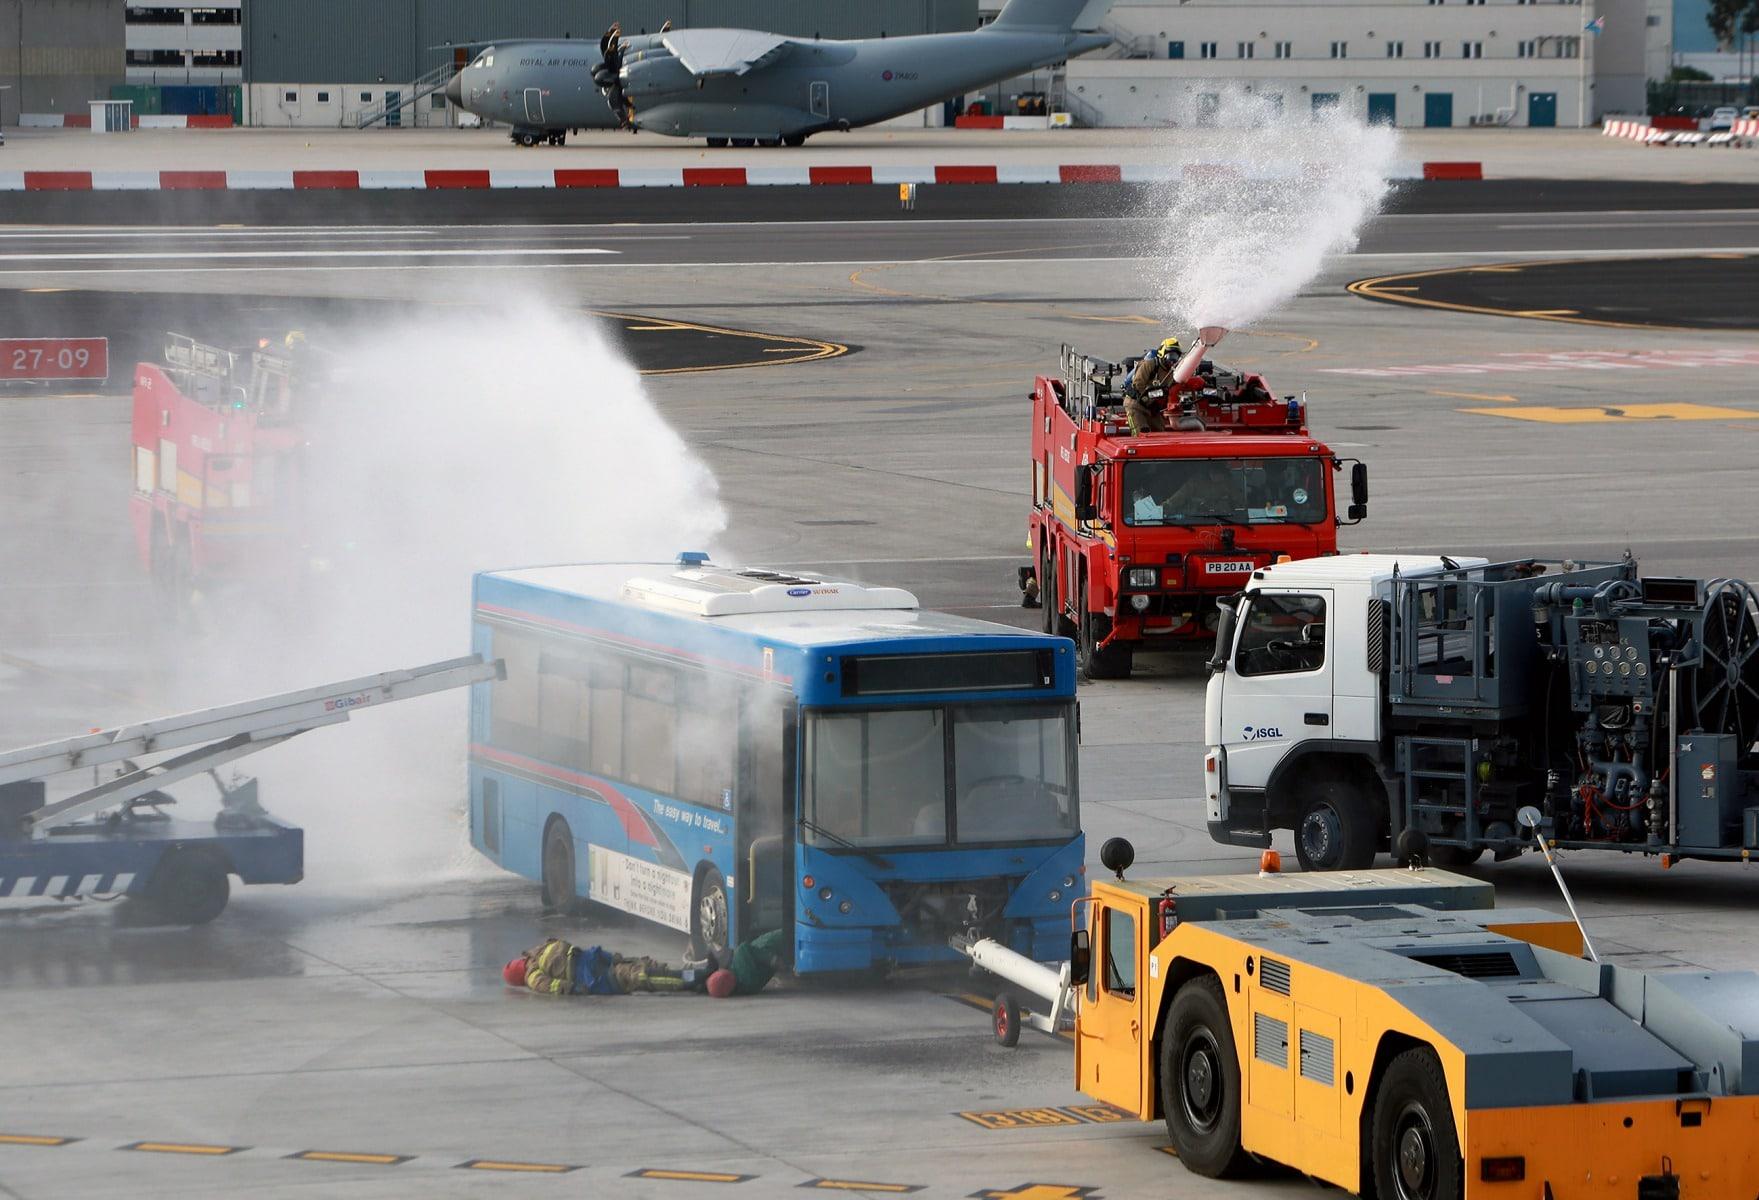 09-feb-2016-simulacro-de-incidente-en-el-aeropuerto-de-gibraltar_24286855844_o